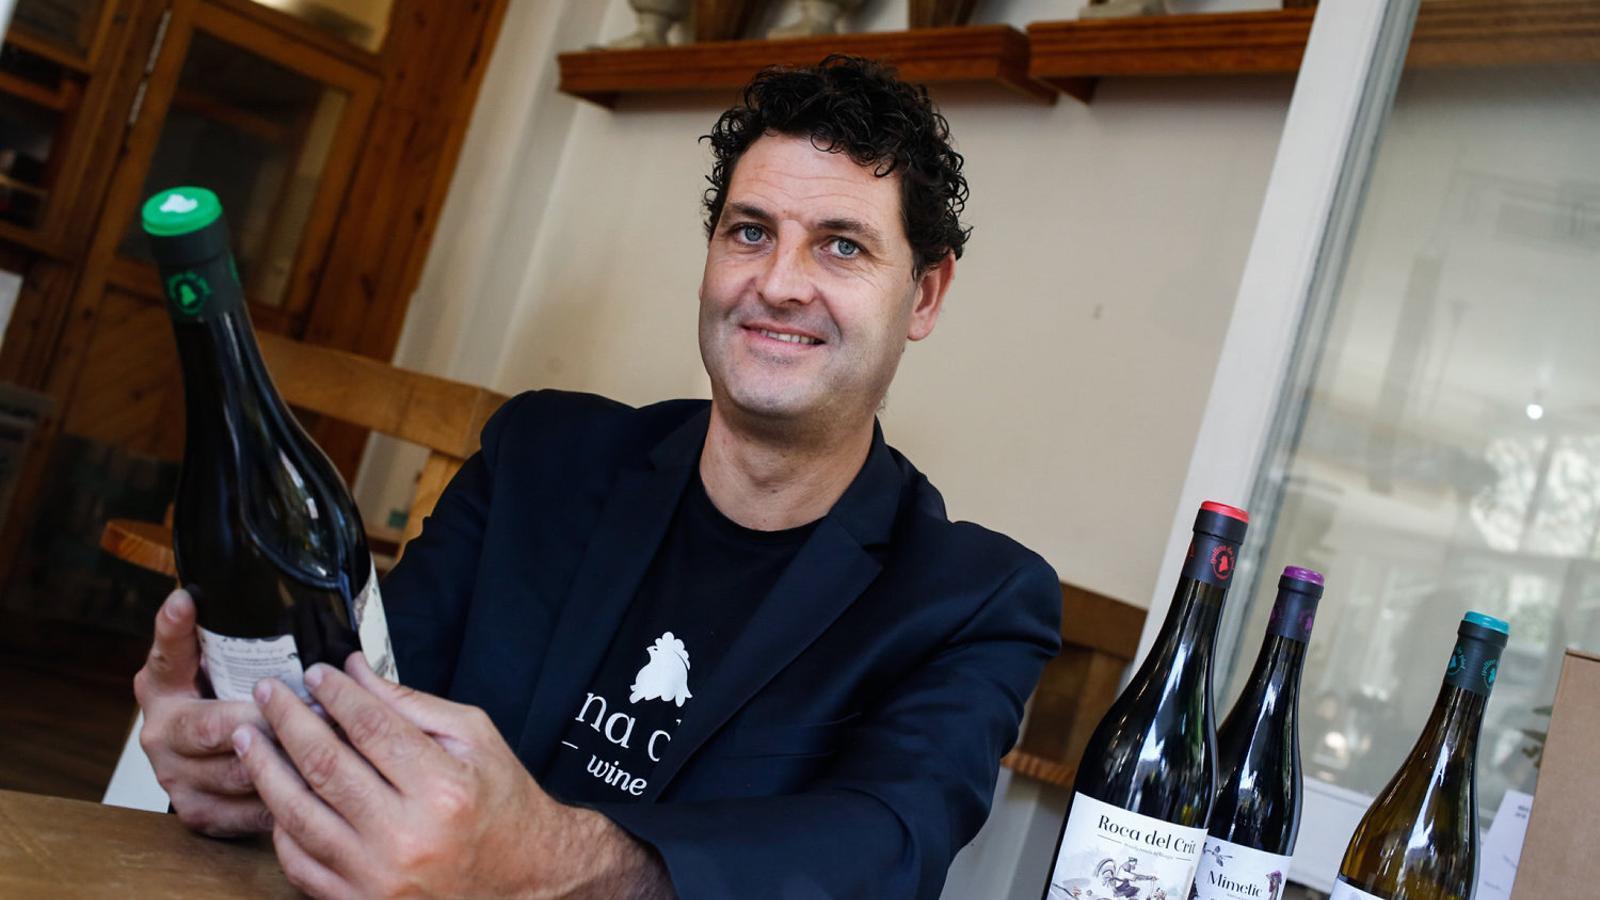 Els vins del sommelier d'El Bulli que fan posar la 'gallina de piel'